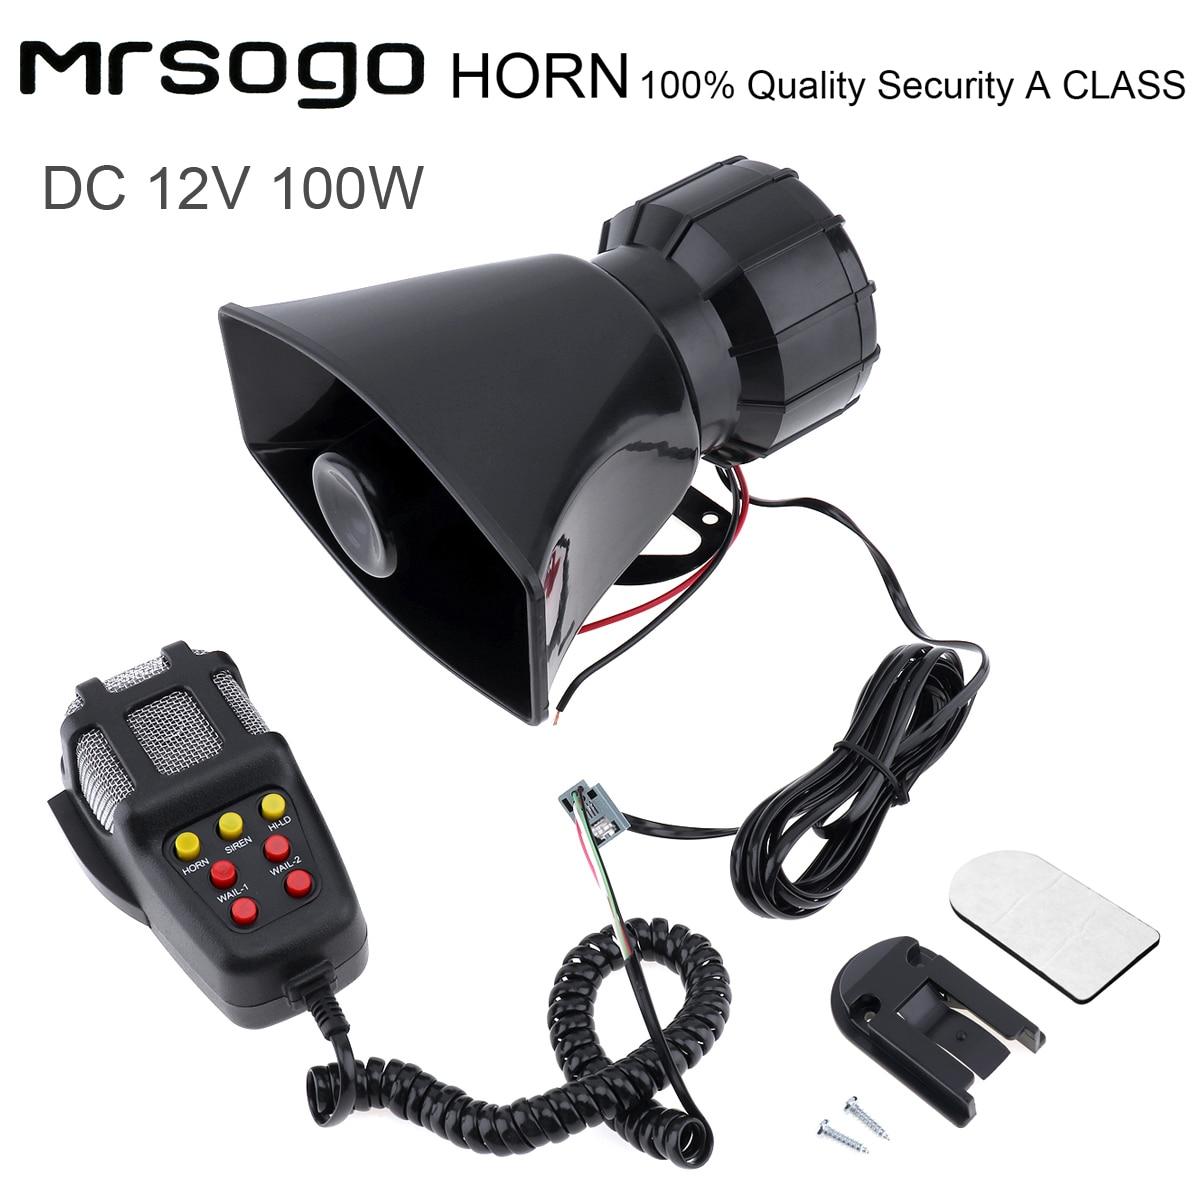 100W 7 Tones Loud Sound Car Vehicle Electronic Warning Siren Motorcycle Alarm Firemen Ambulance Loudspeaker with MIC